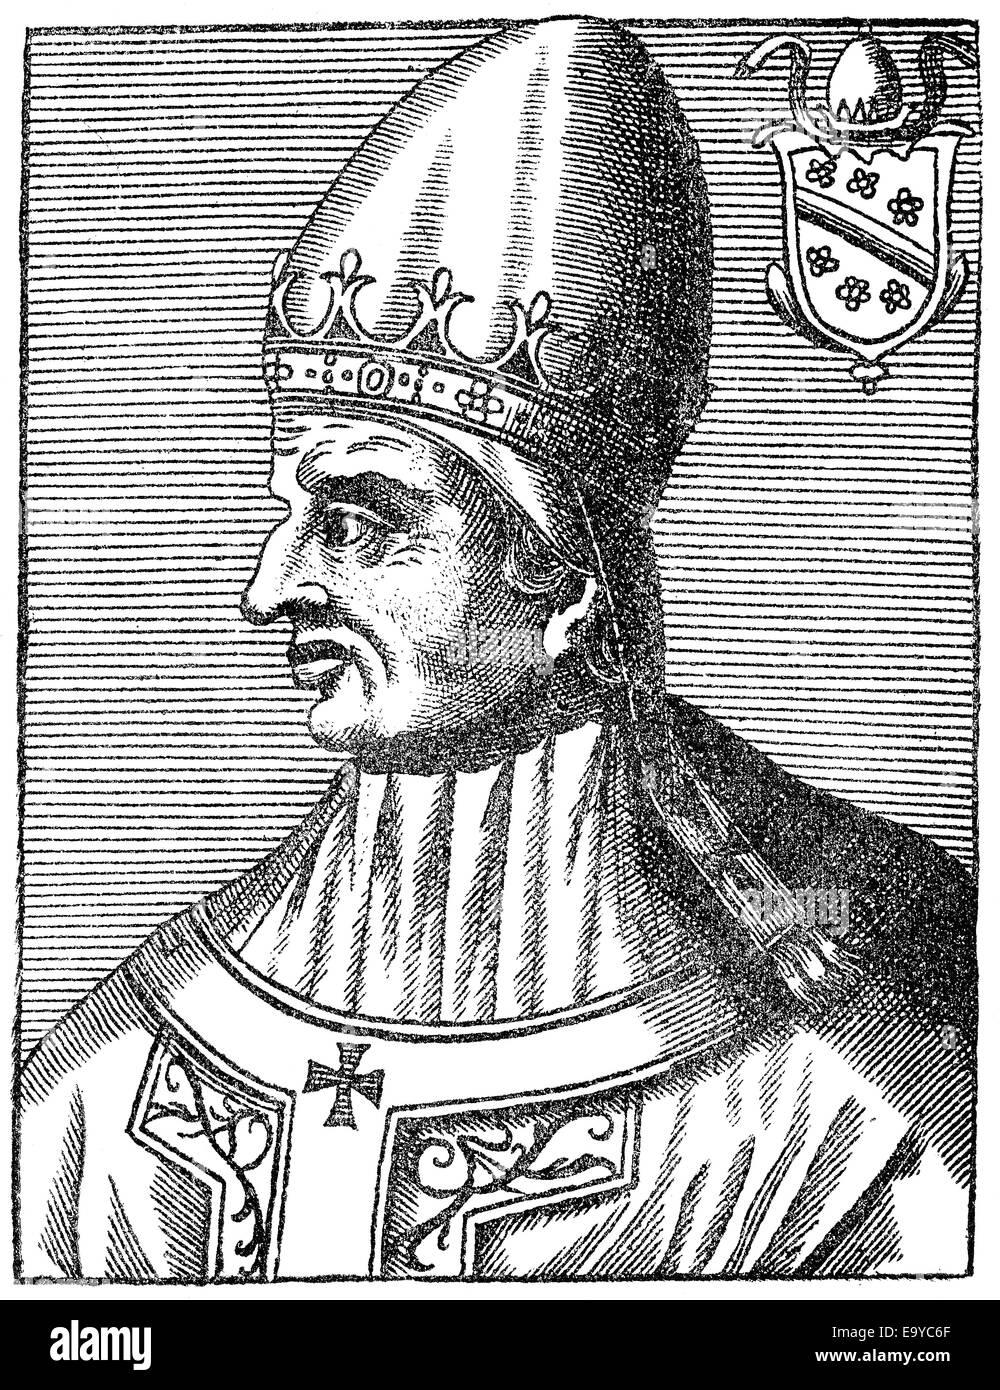 Pope Gregory XI or Gregorius XI, born Pierre Roger de Beaufort, c. 1329-1378,  Pope from 1370 to 1378, Papst Gregor XI., ursprüng